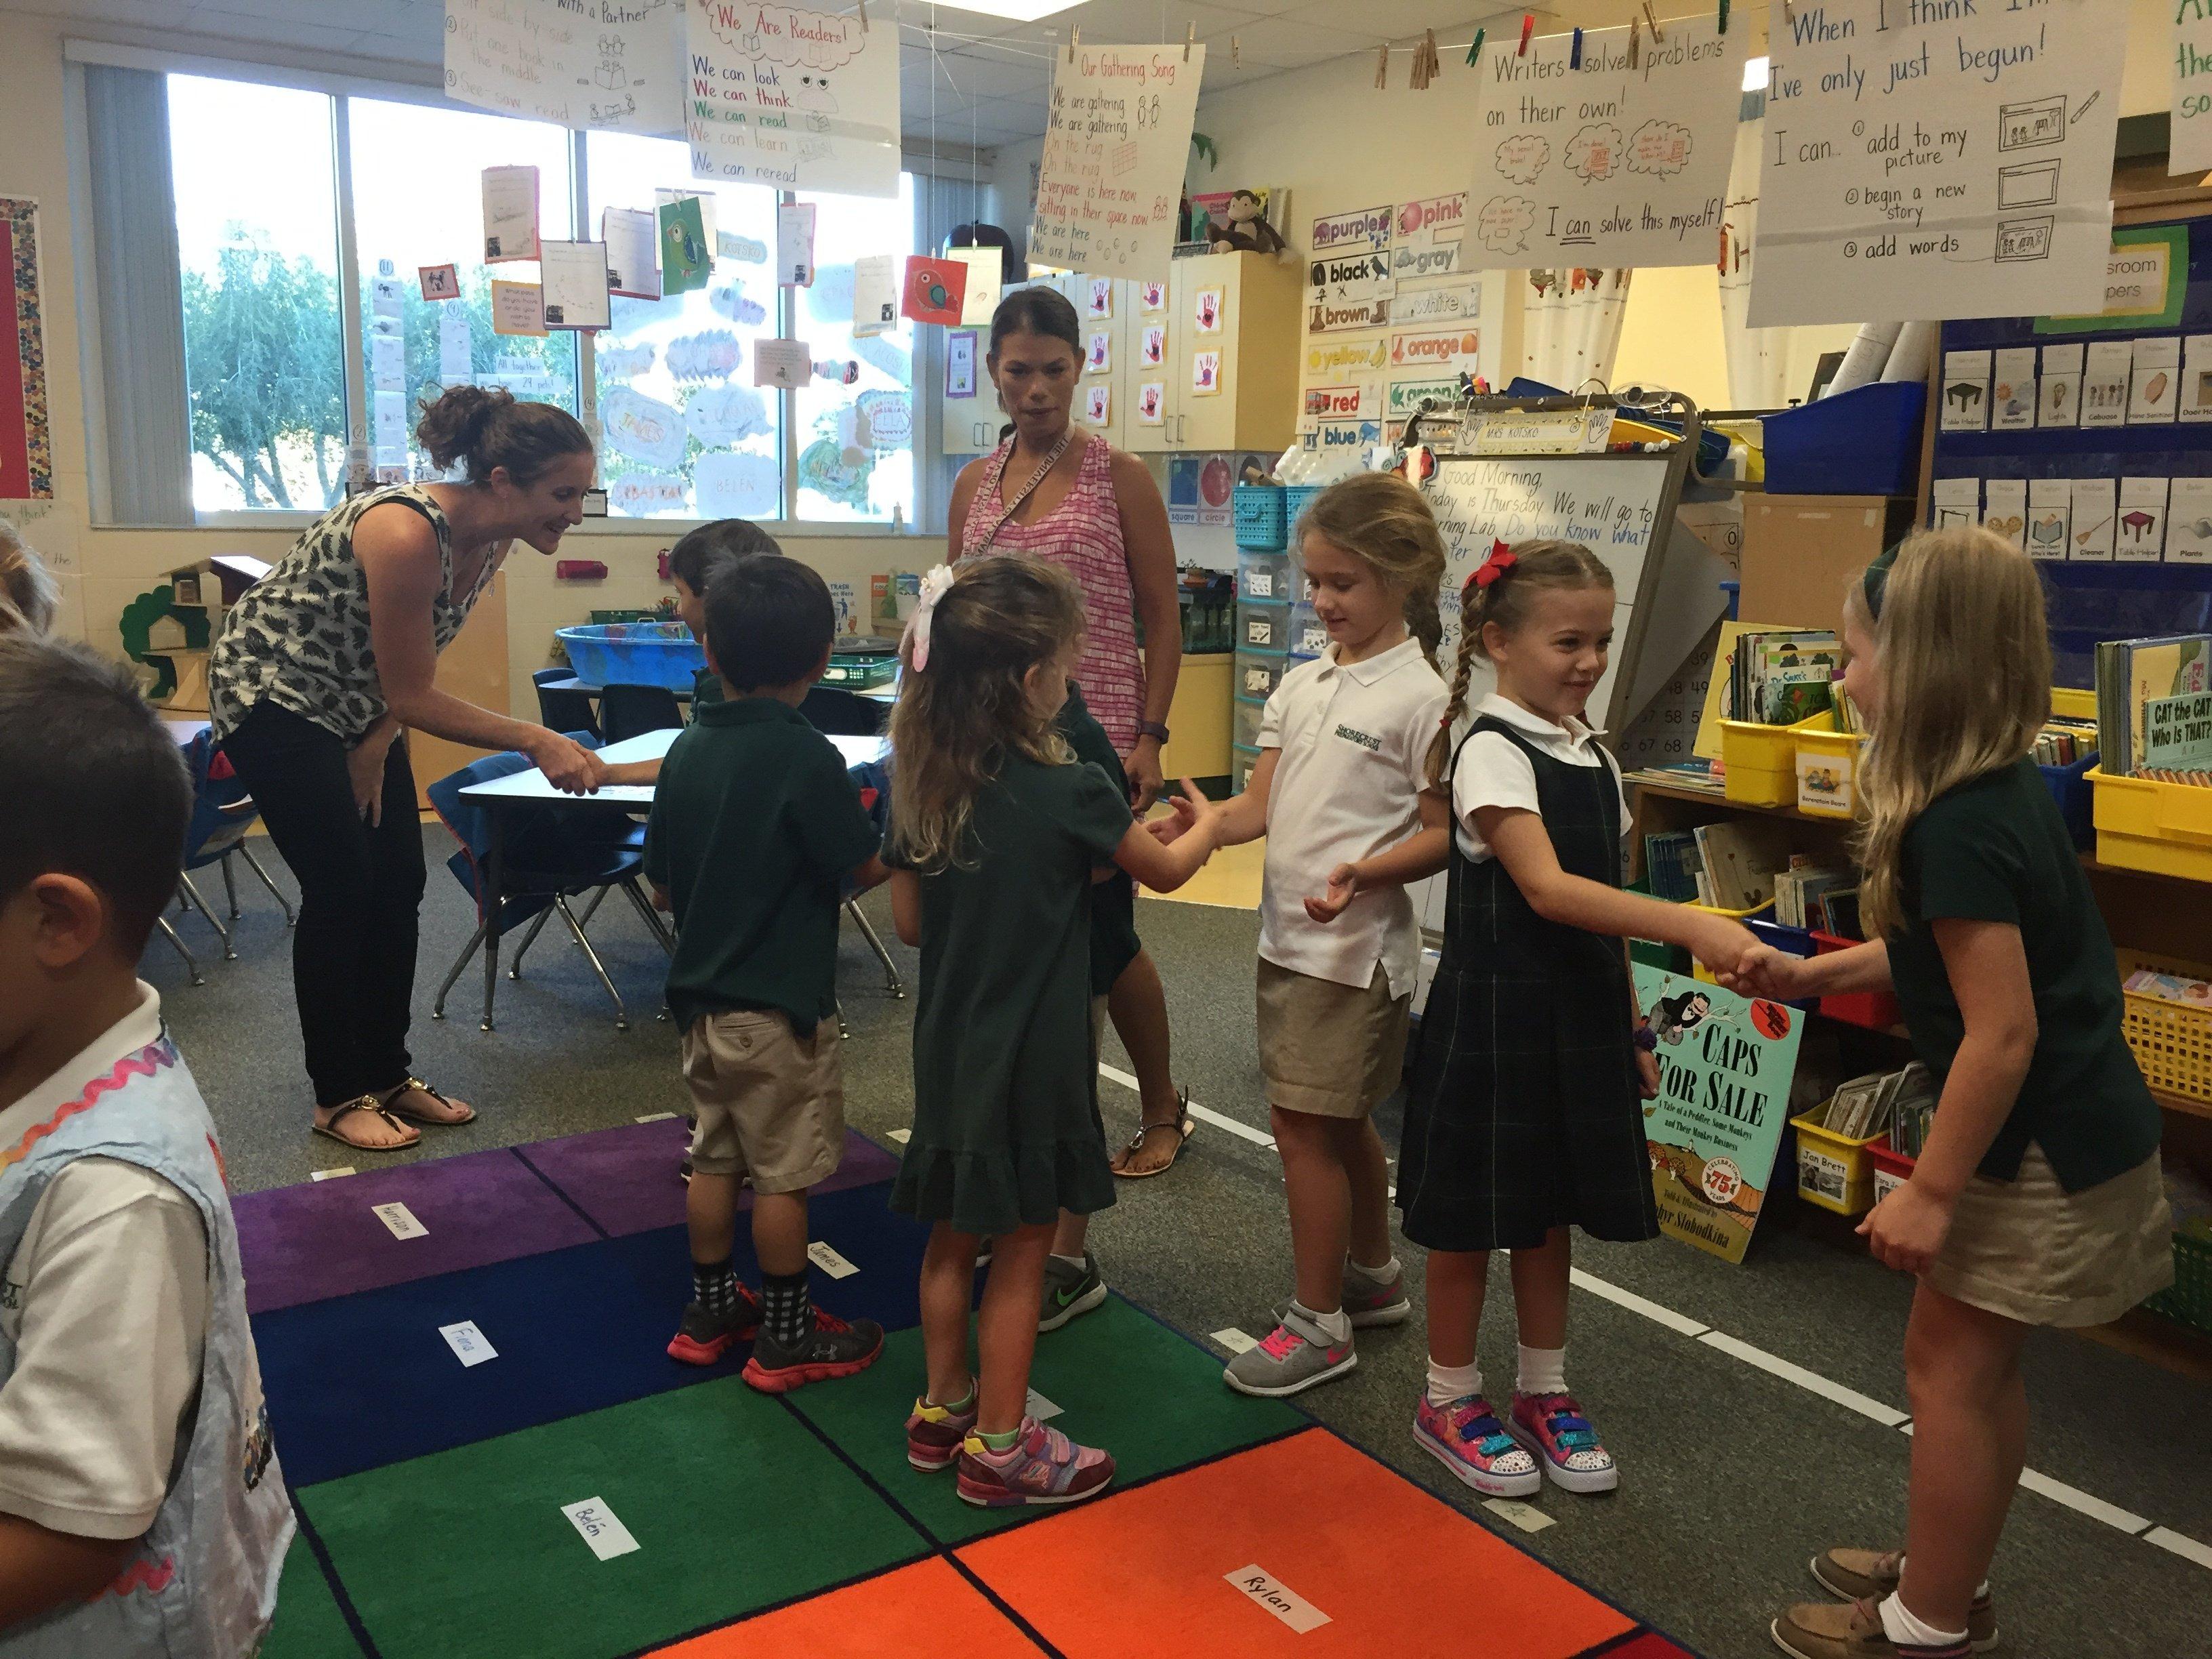 Shorecrest kindergarten Morning Meeting responsive classroom